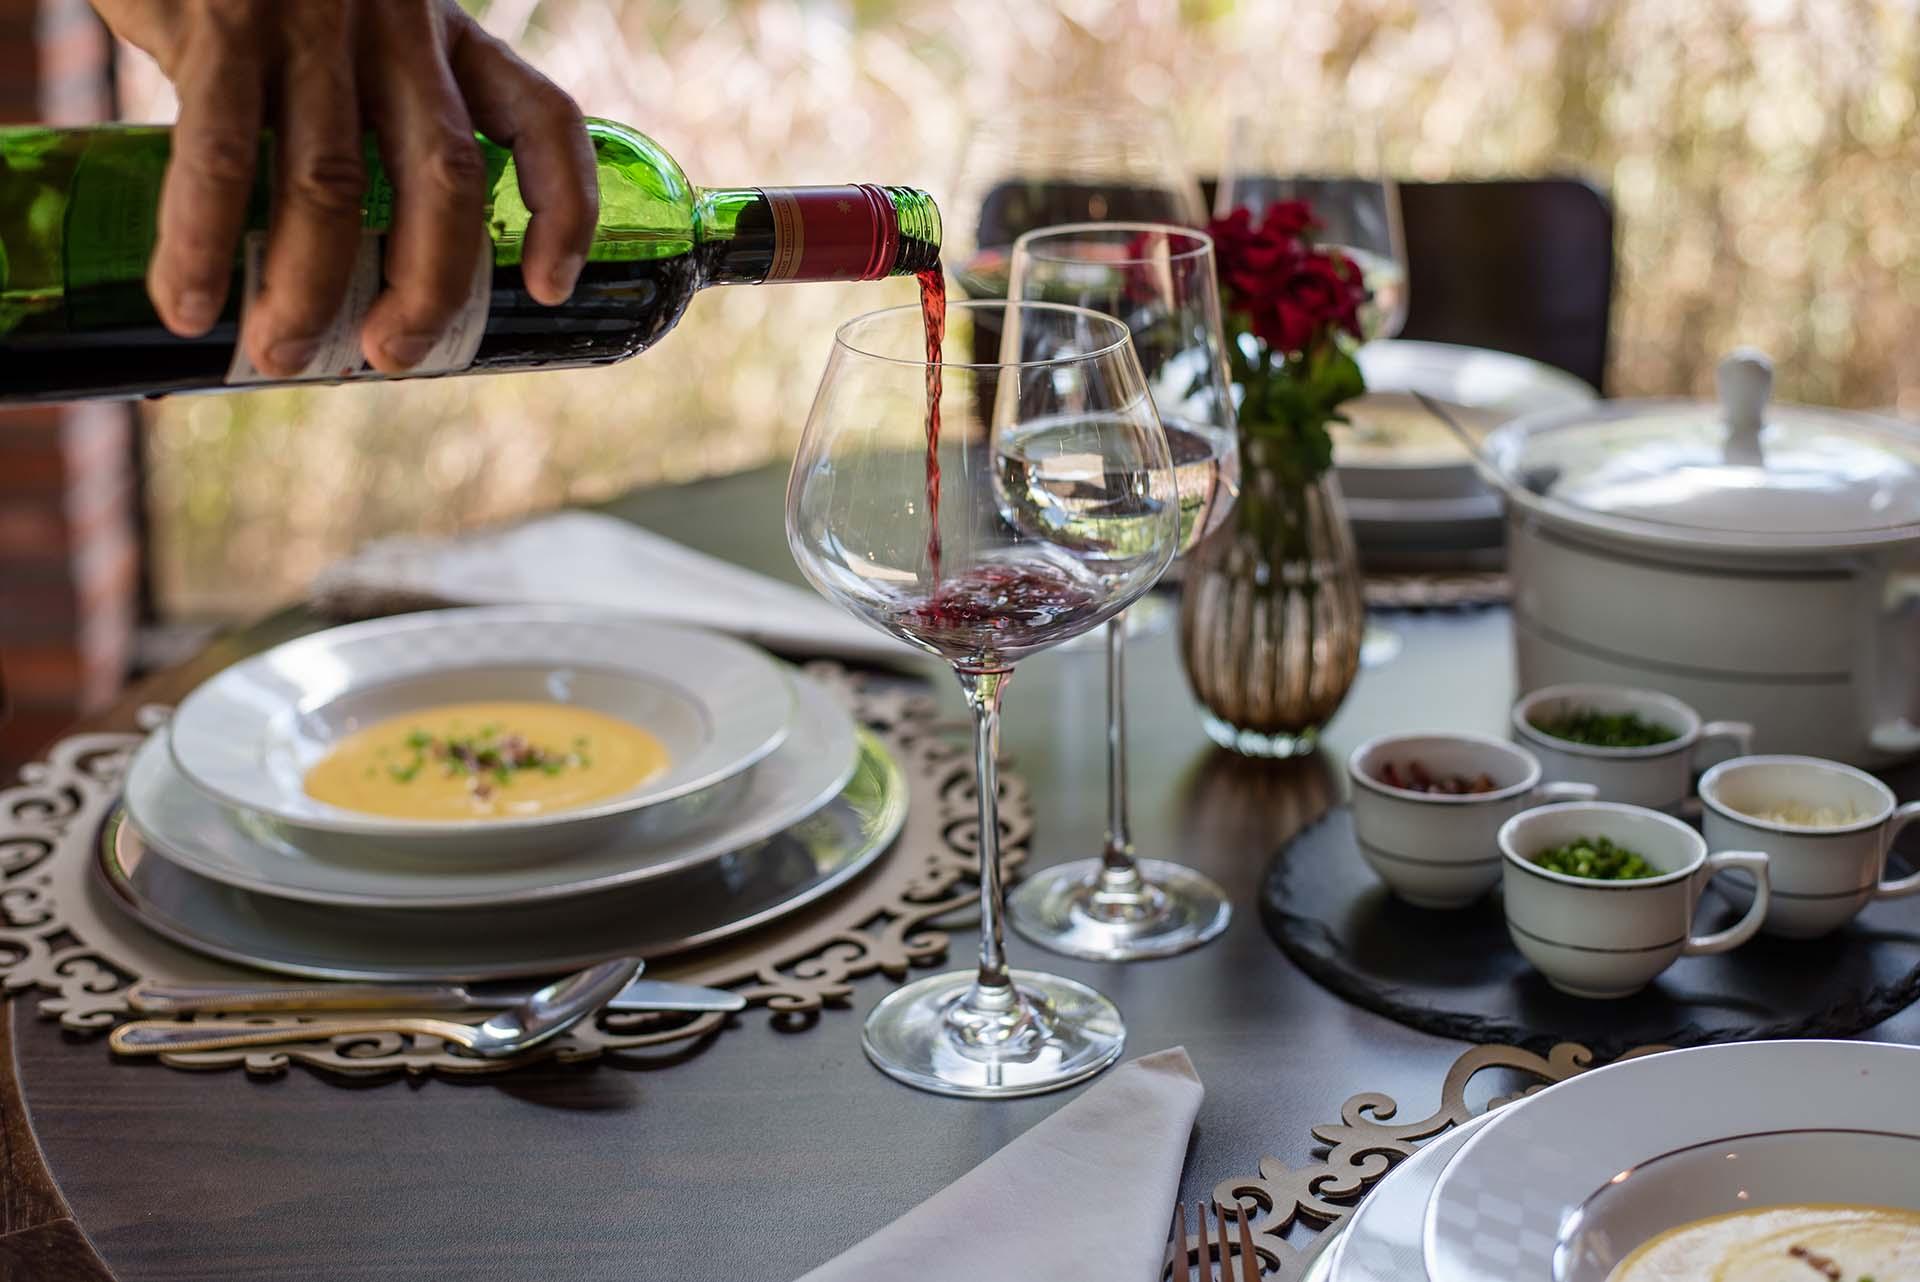 Texto: O vinho é sempre uma ótima opção para acompanhar uma noite de sopas. Foto: Karla Rudnick.